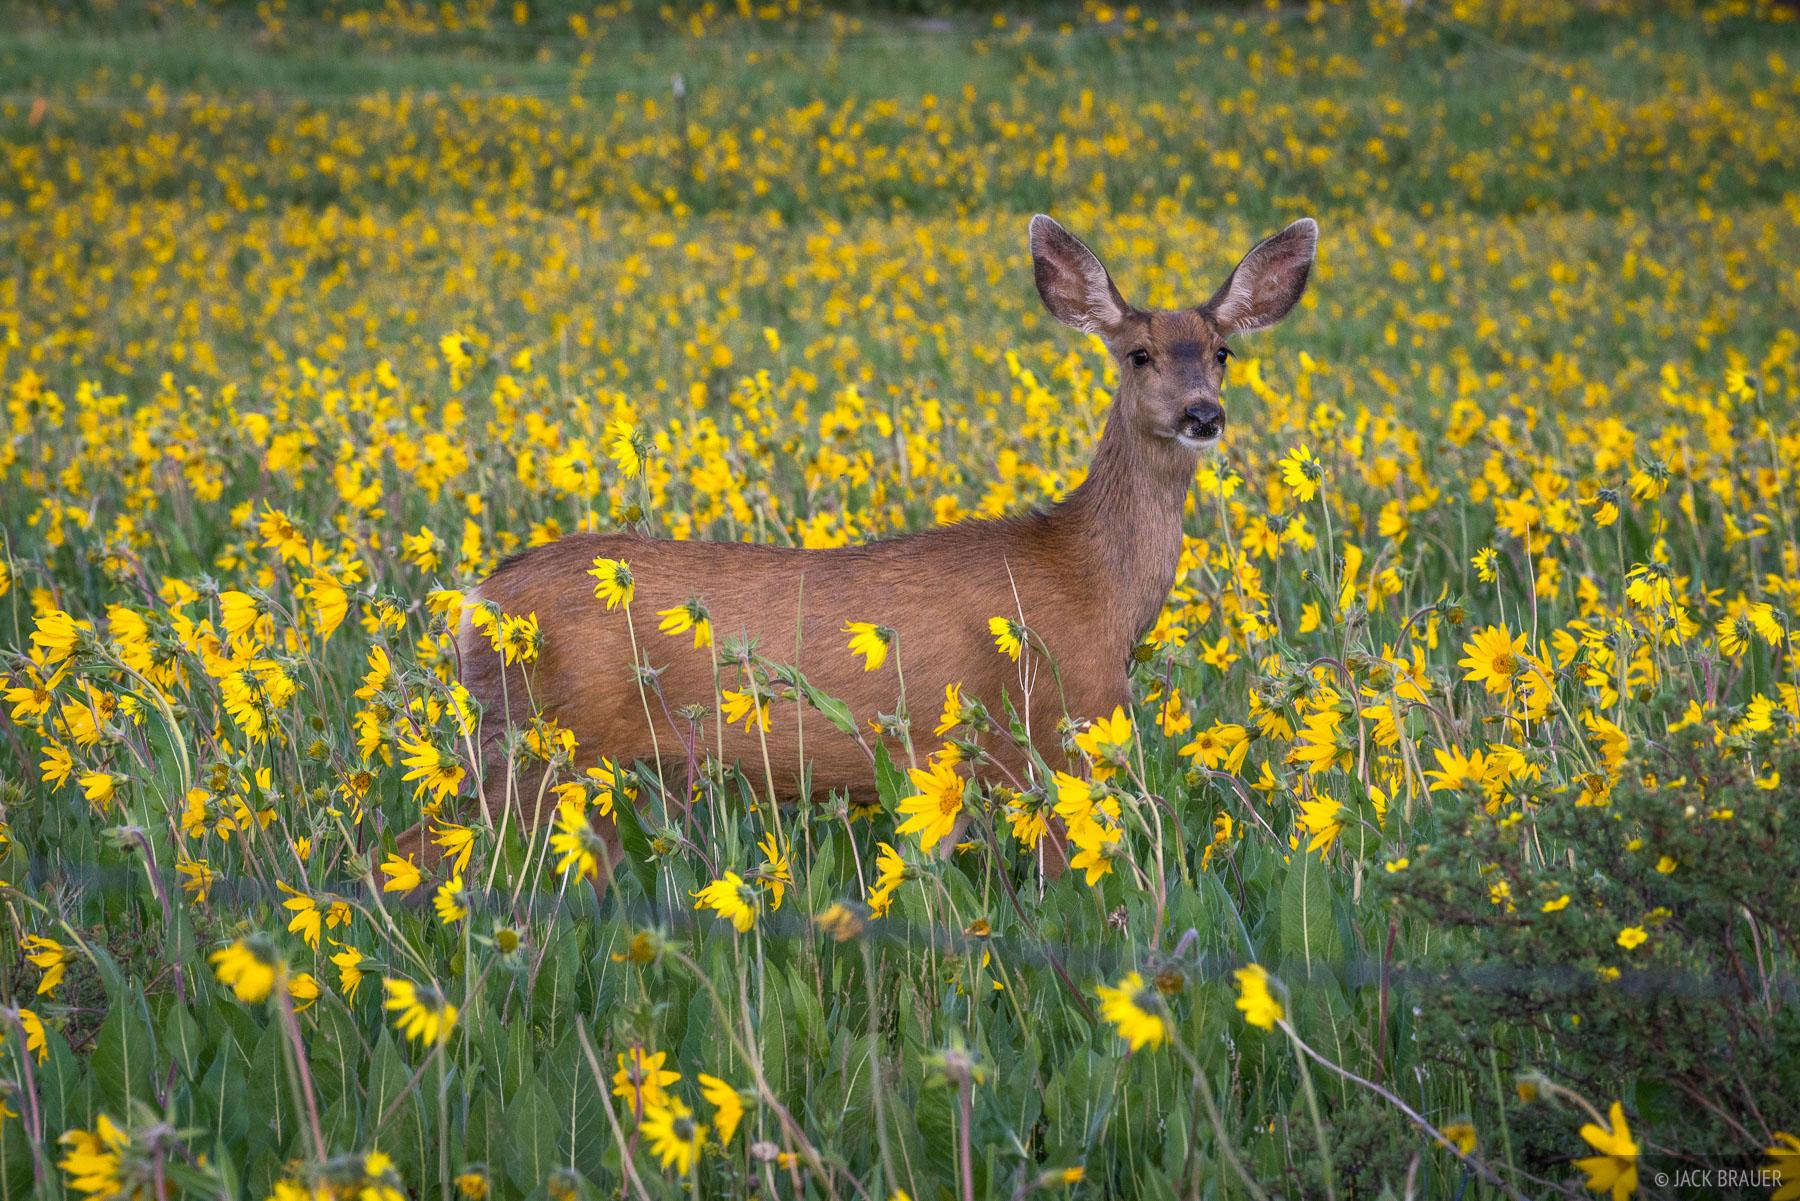 A deer wanders through wildflowers.